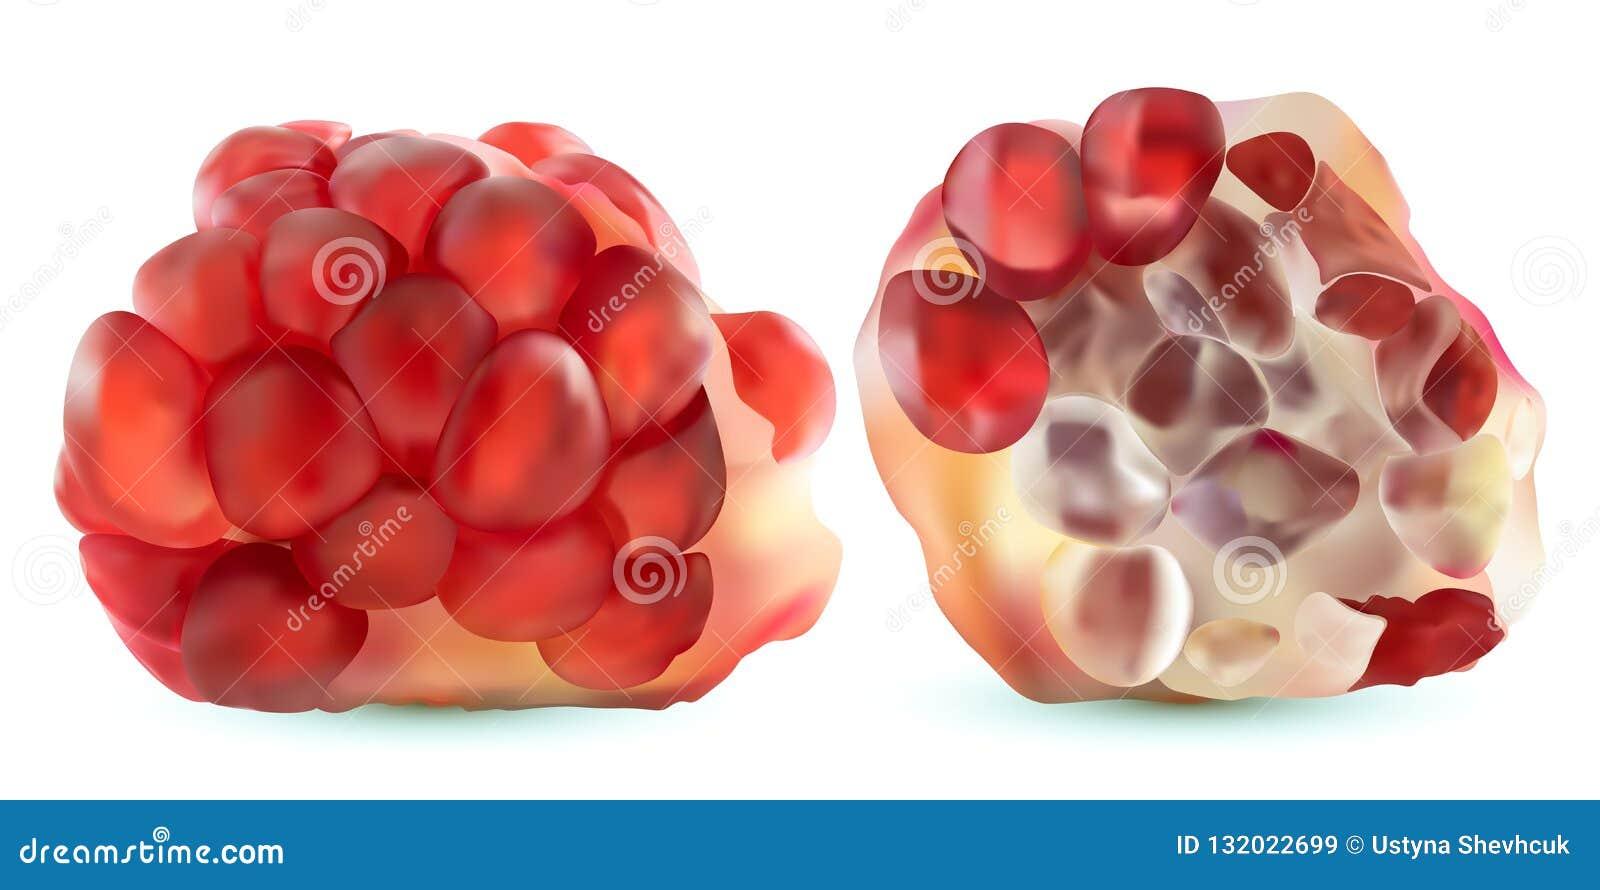 Melograno realistico di vettore 3d, allegagione tropicale, isolata su fondo bianco Melograno maturo rassodato Rubino rosso